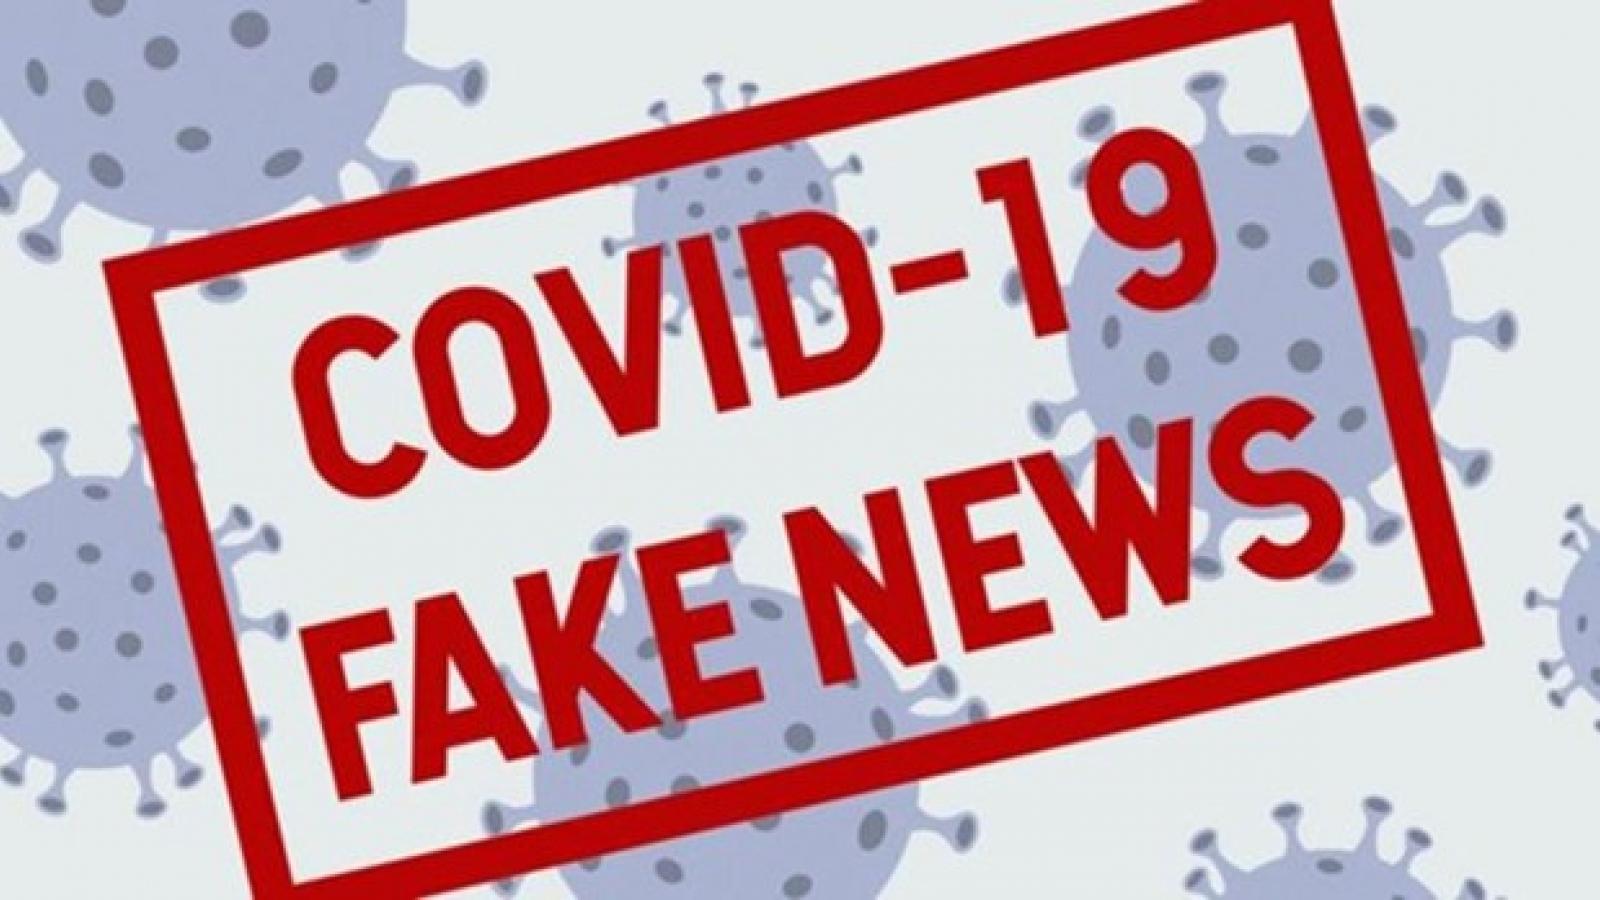 Tin giả gây cản trở các nỗ lực kiểm soát dịch Covid-19 tại Mỹ